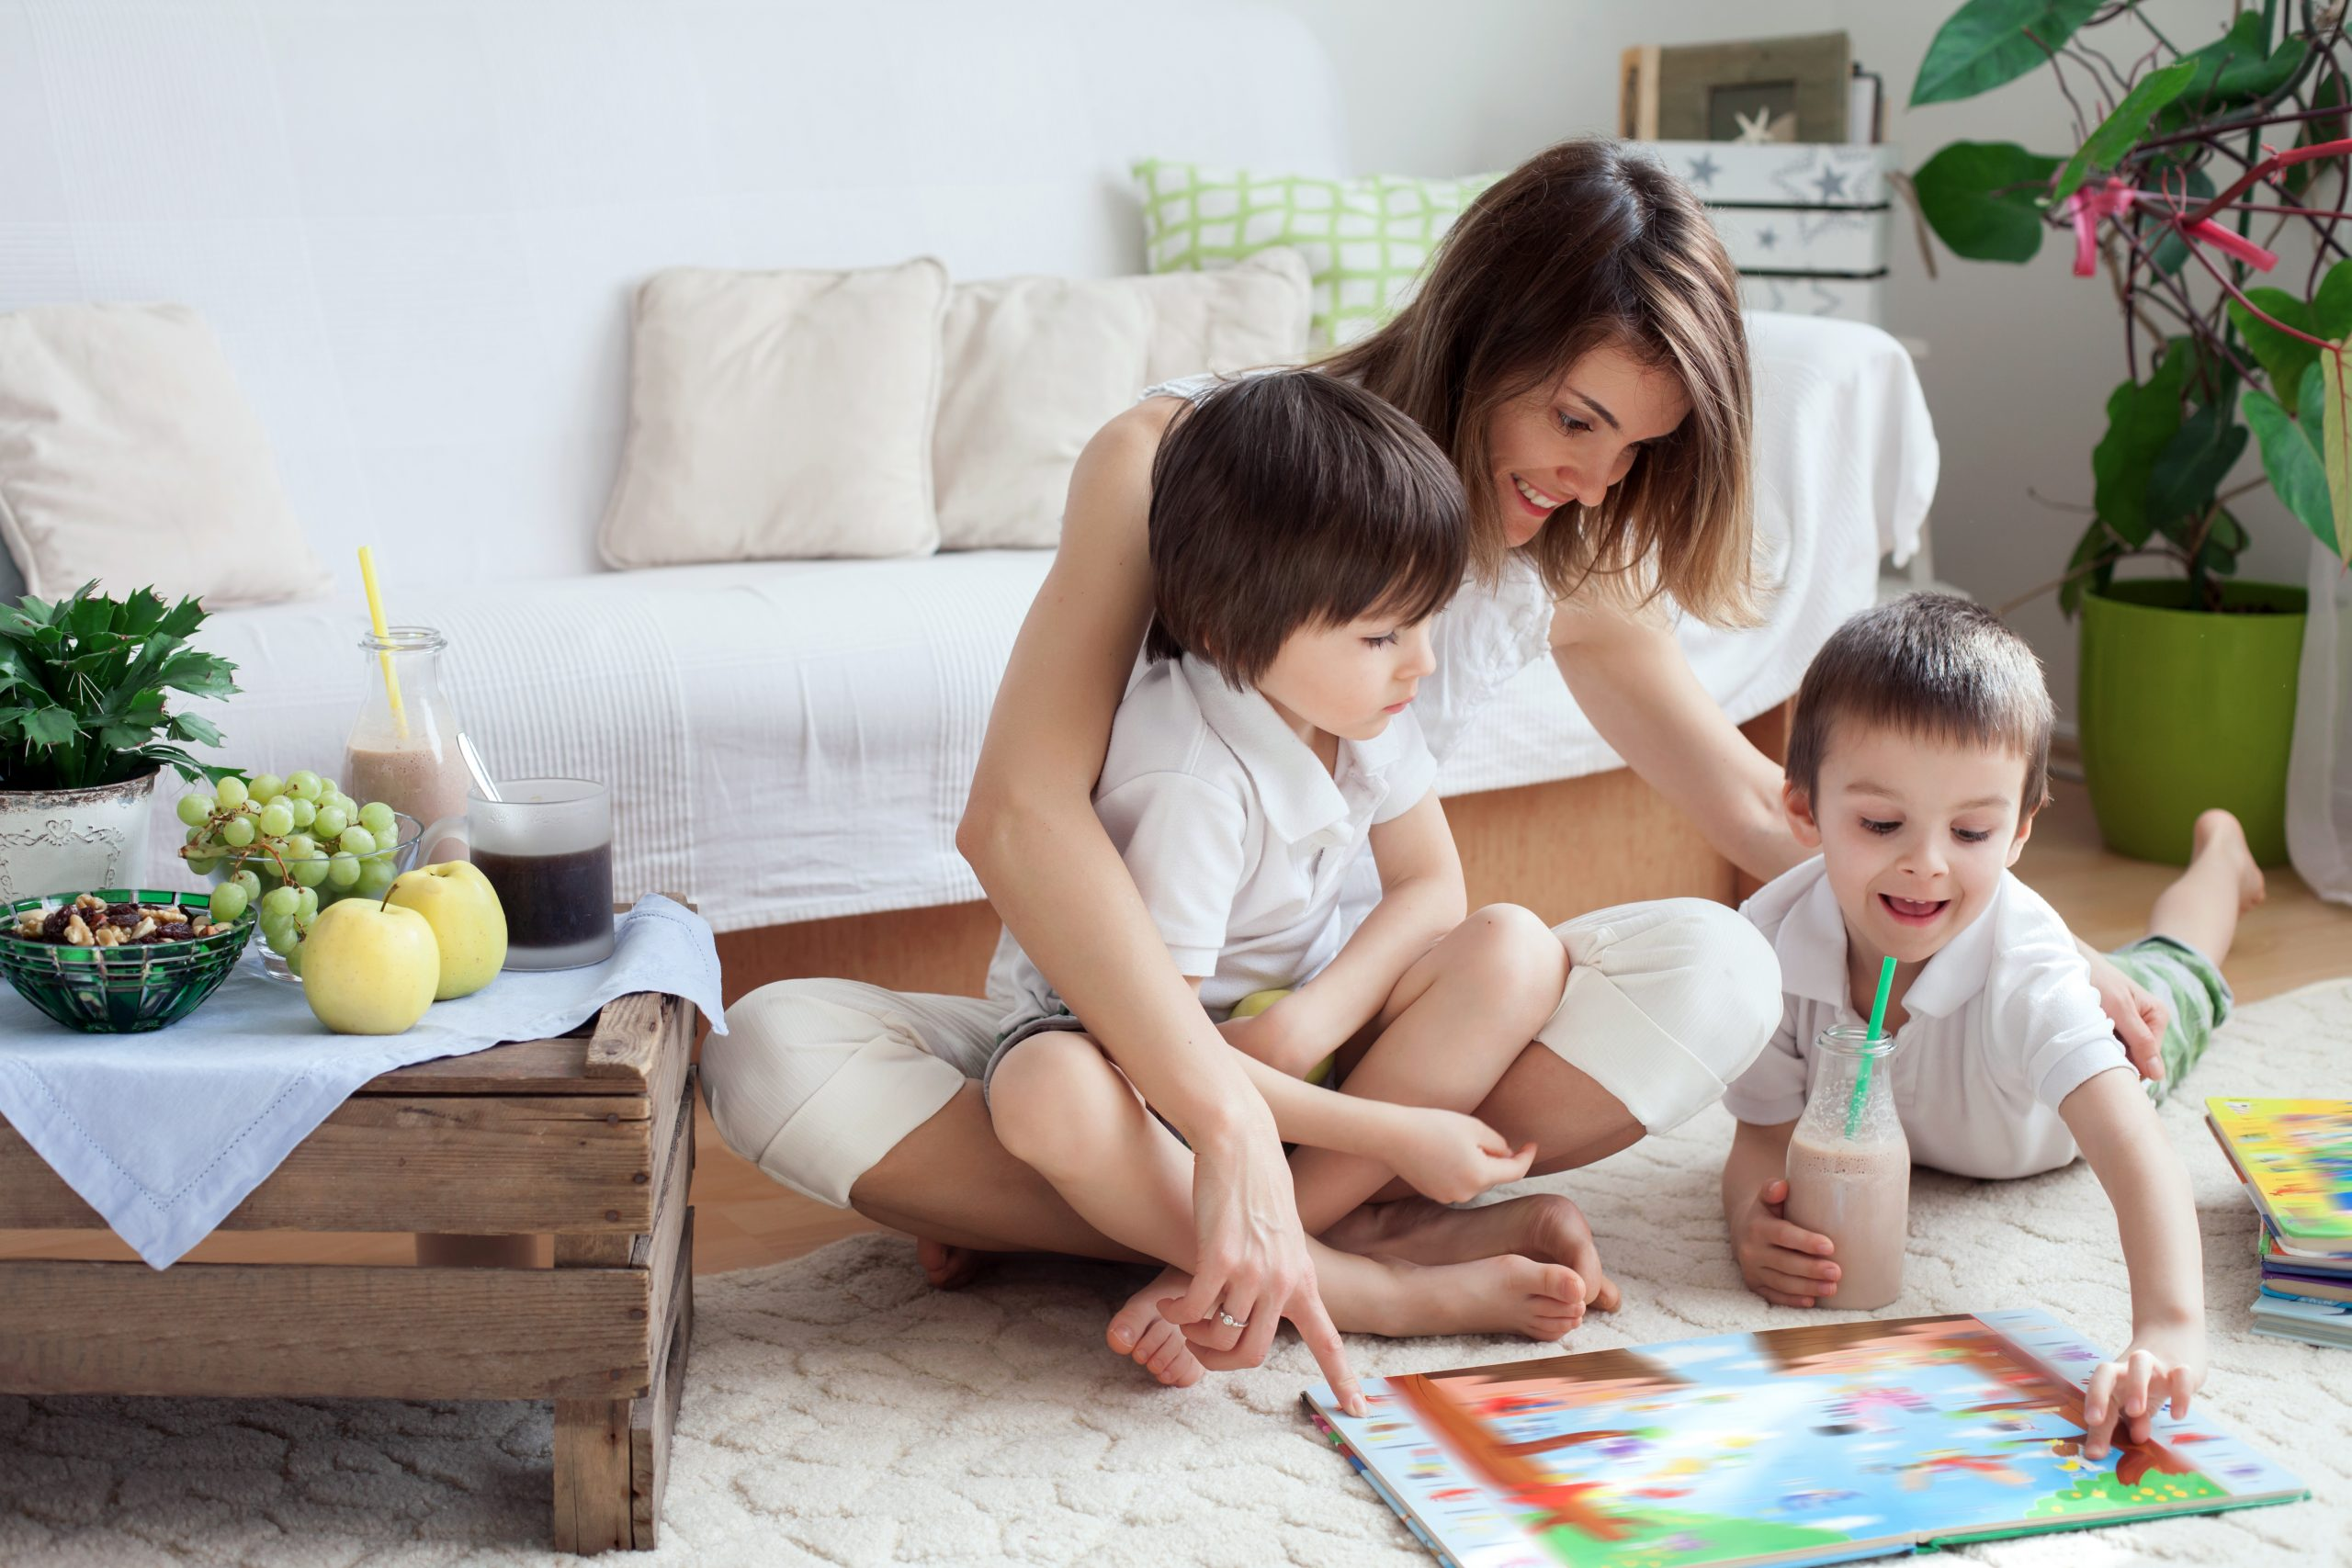 Korona Virüs Döneminde Çocuklar ile Evde Vakit Geçirmek